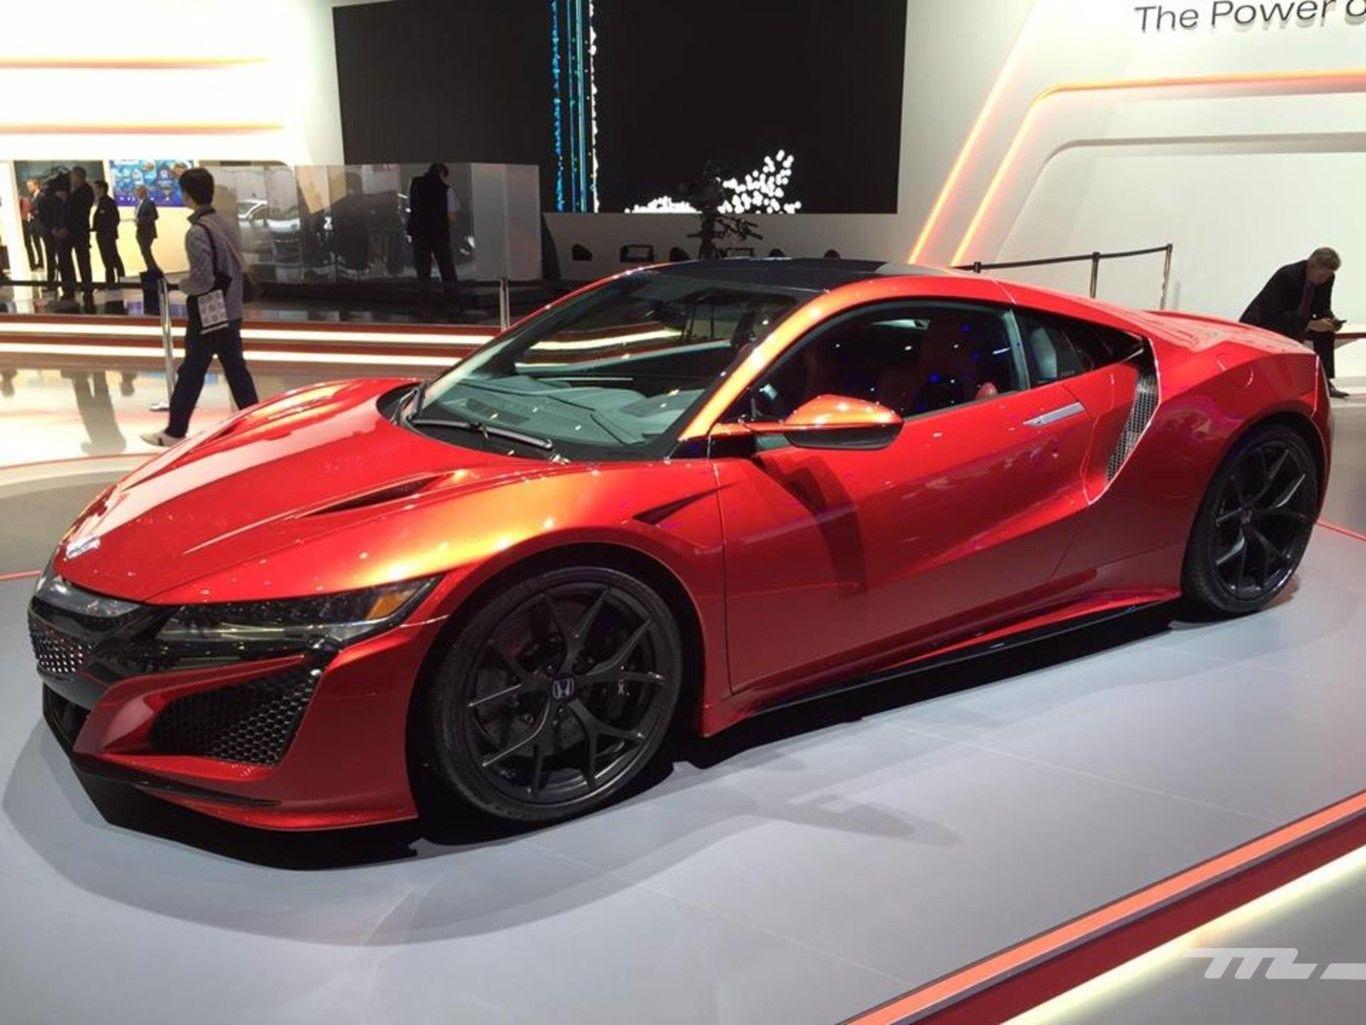 Perspectiva lateral y semi-frontal del Honda NSX de color naranja tirando para rojo con deslumbramientos nacarados